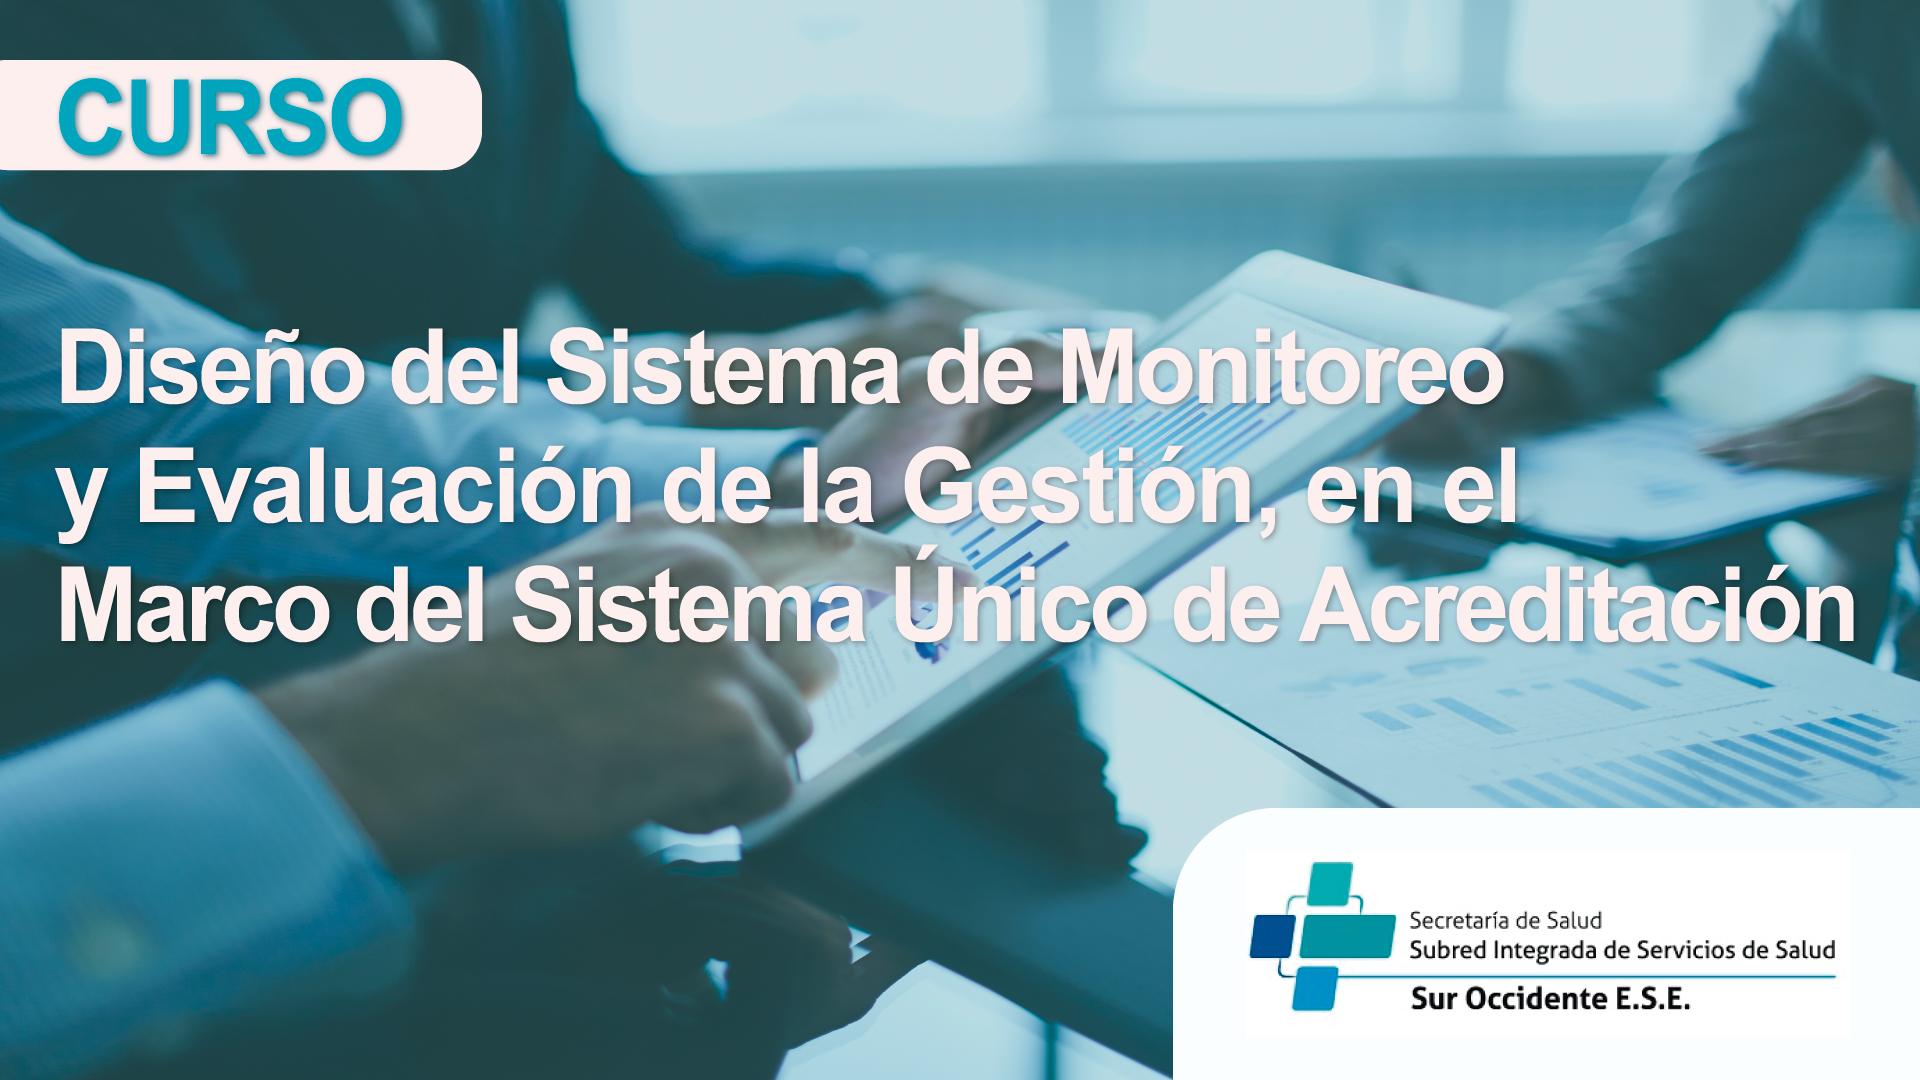 Course Image DISEÑO DEL SISTEMA DE MONITOREO Y EVALUACIÓN DE LA GESTIÓN, EN EL MARCO DEL SUA